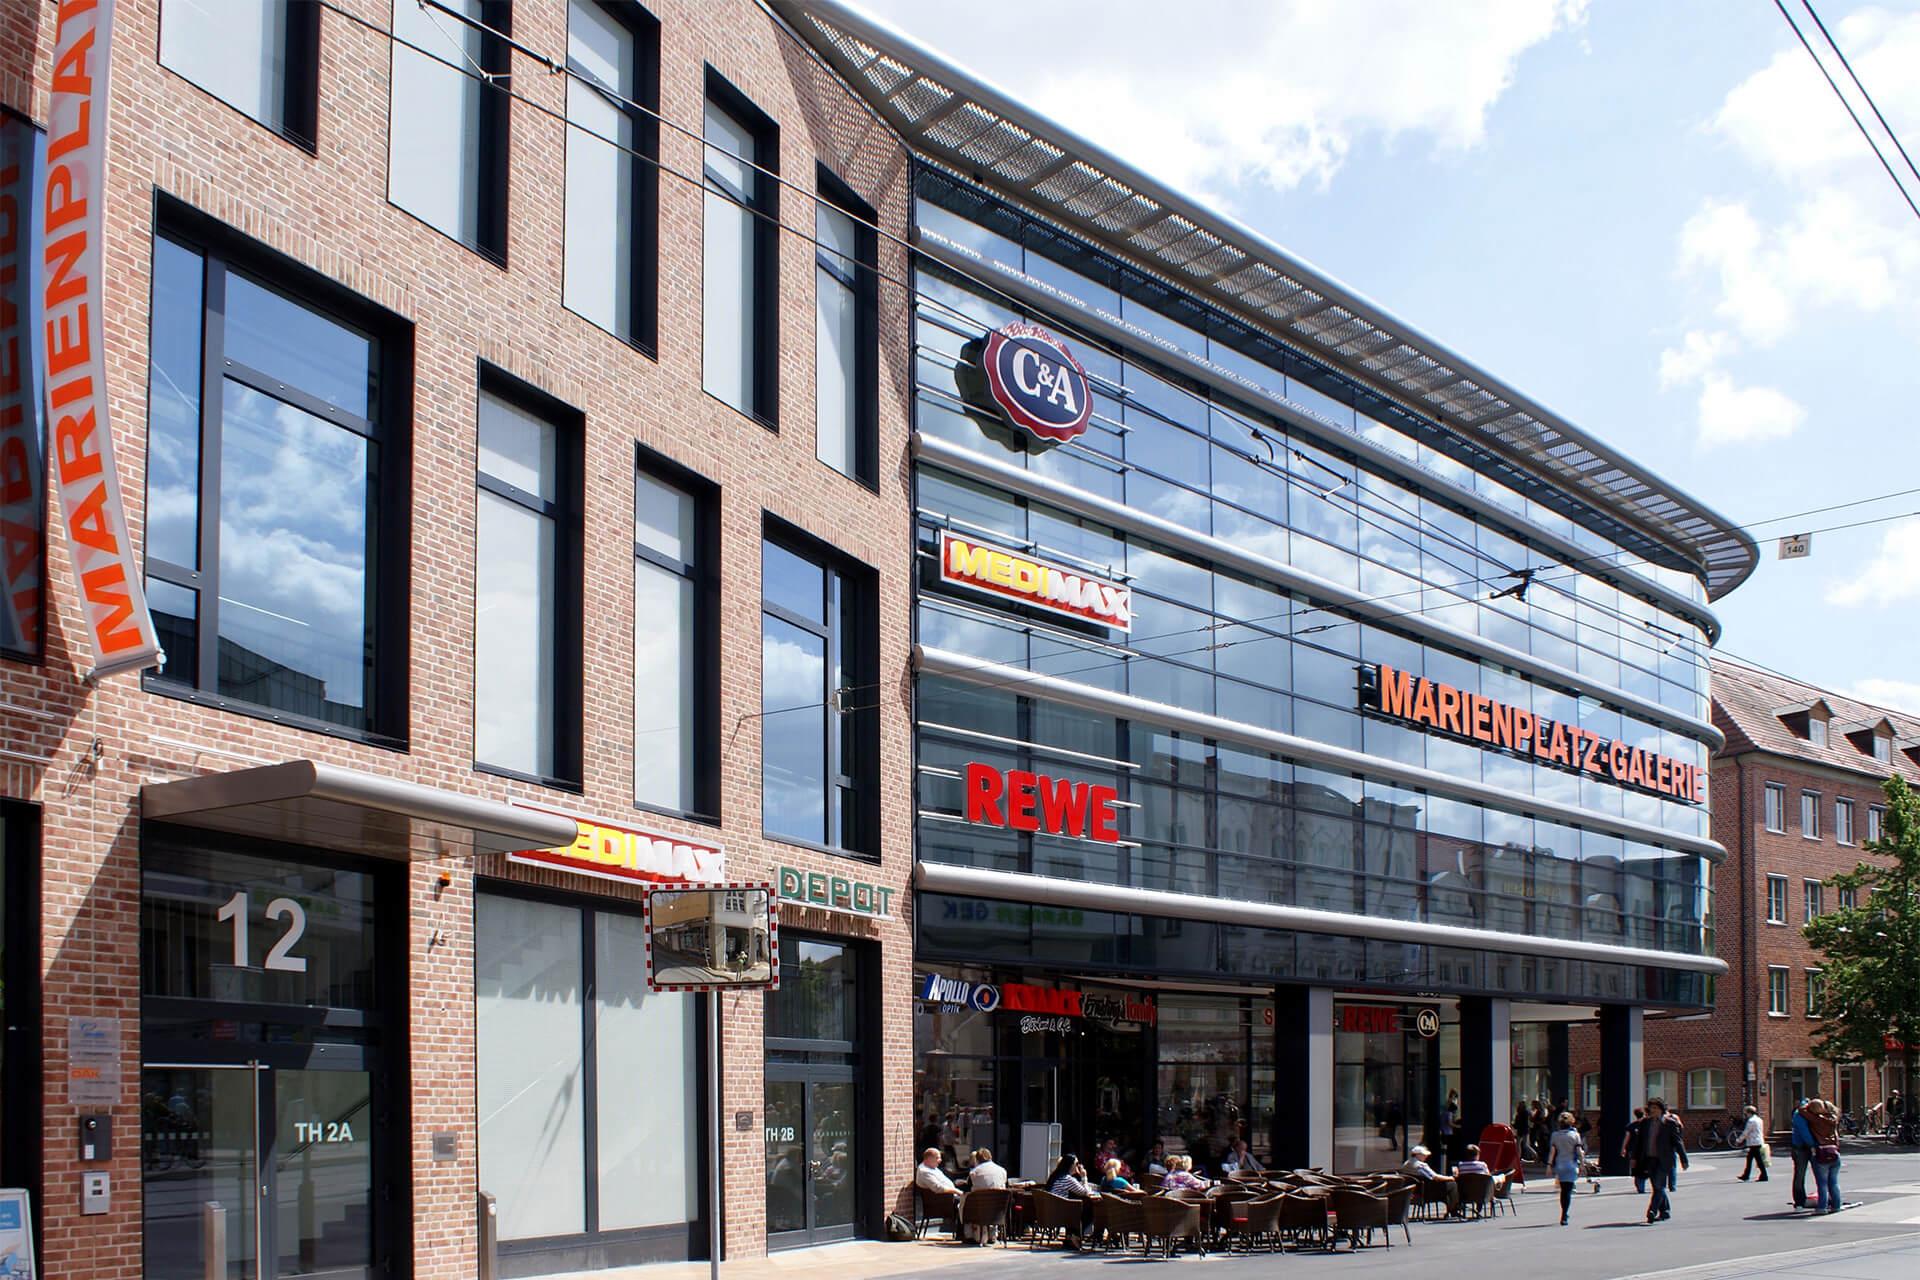 Schwerin, Marienplatz-Galerie, Einkaufszentrum